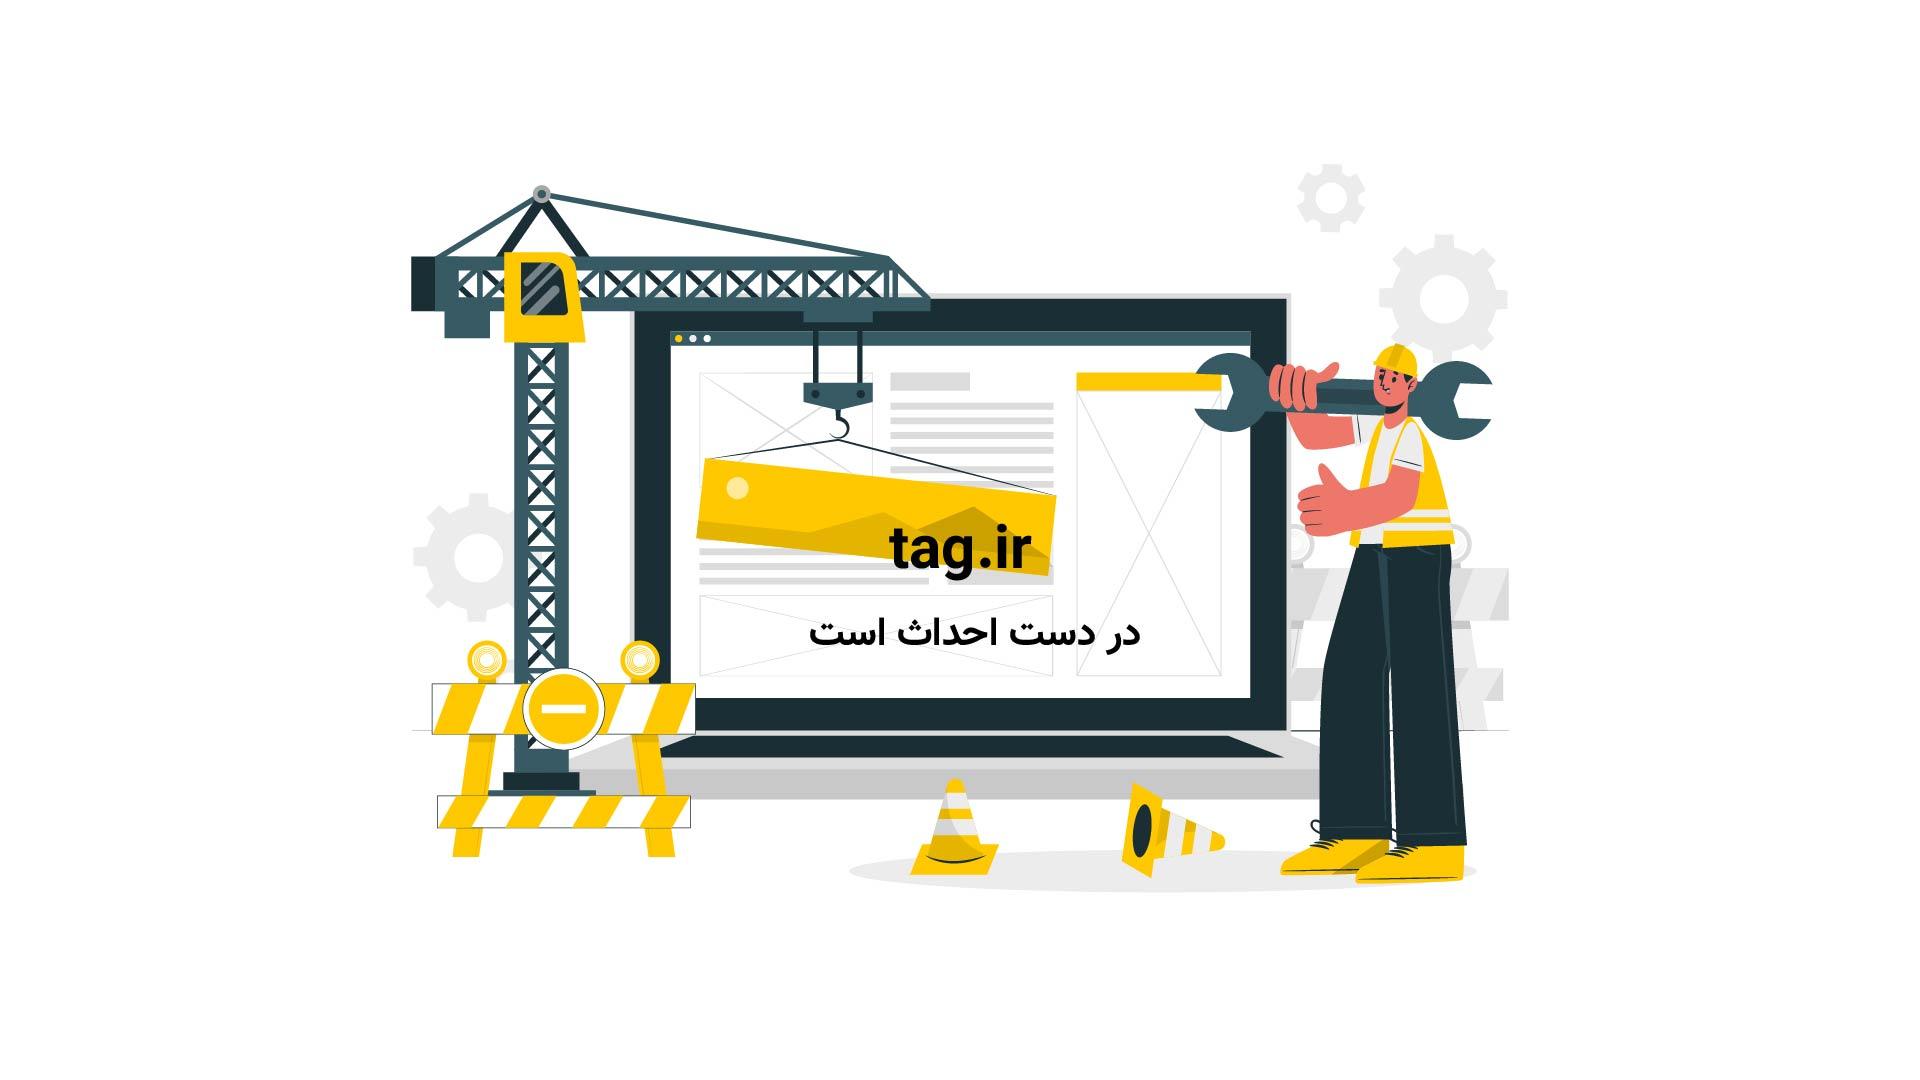 نبرد خرس | تگ